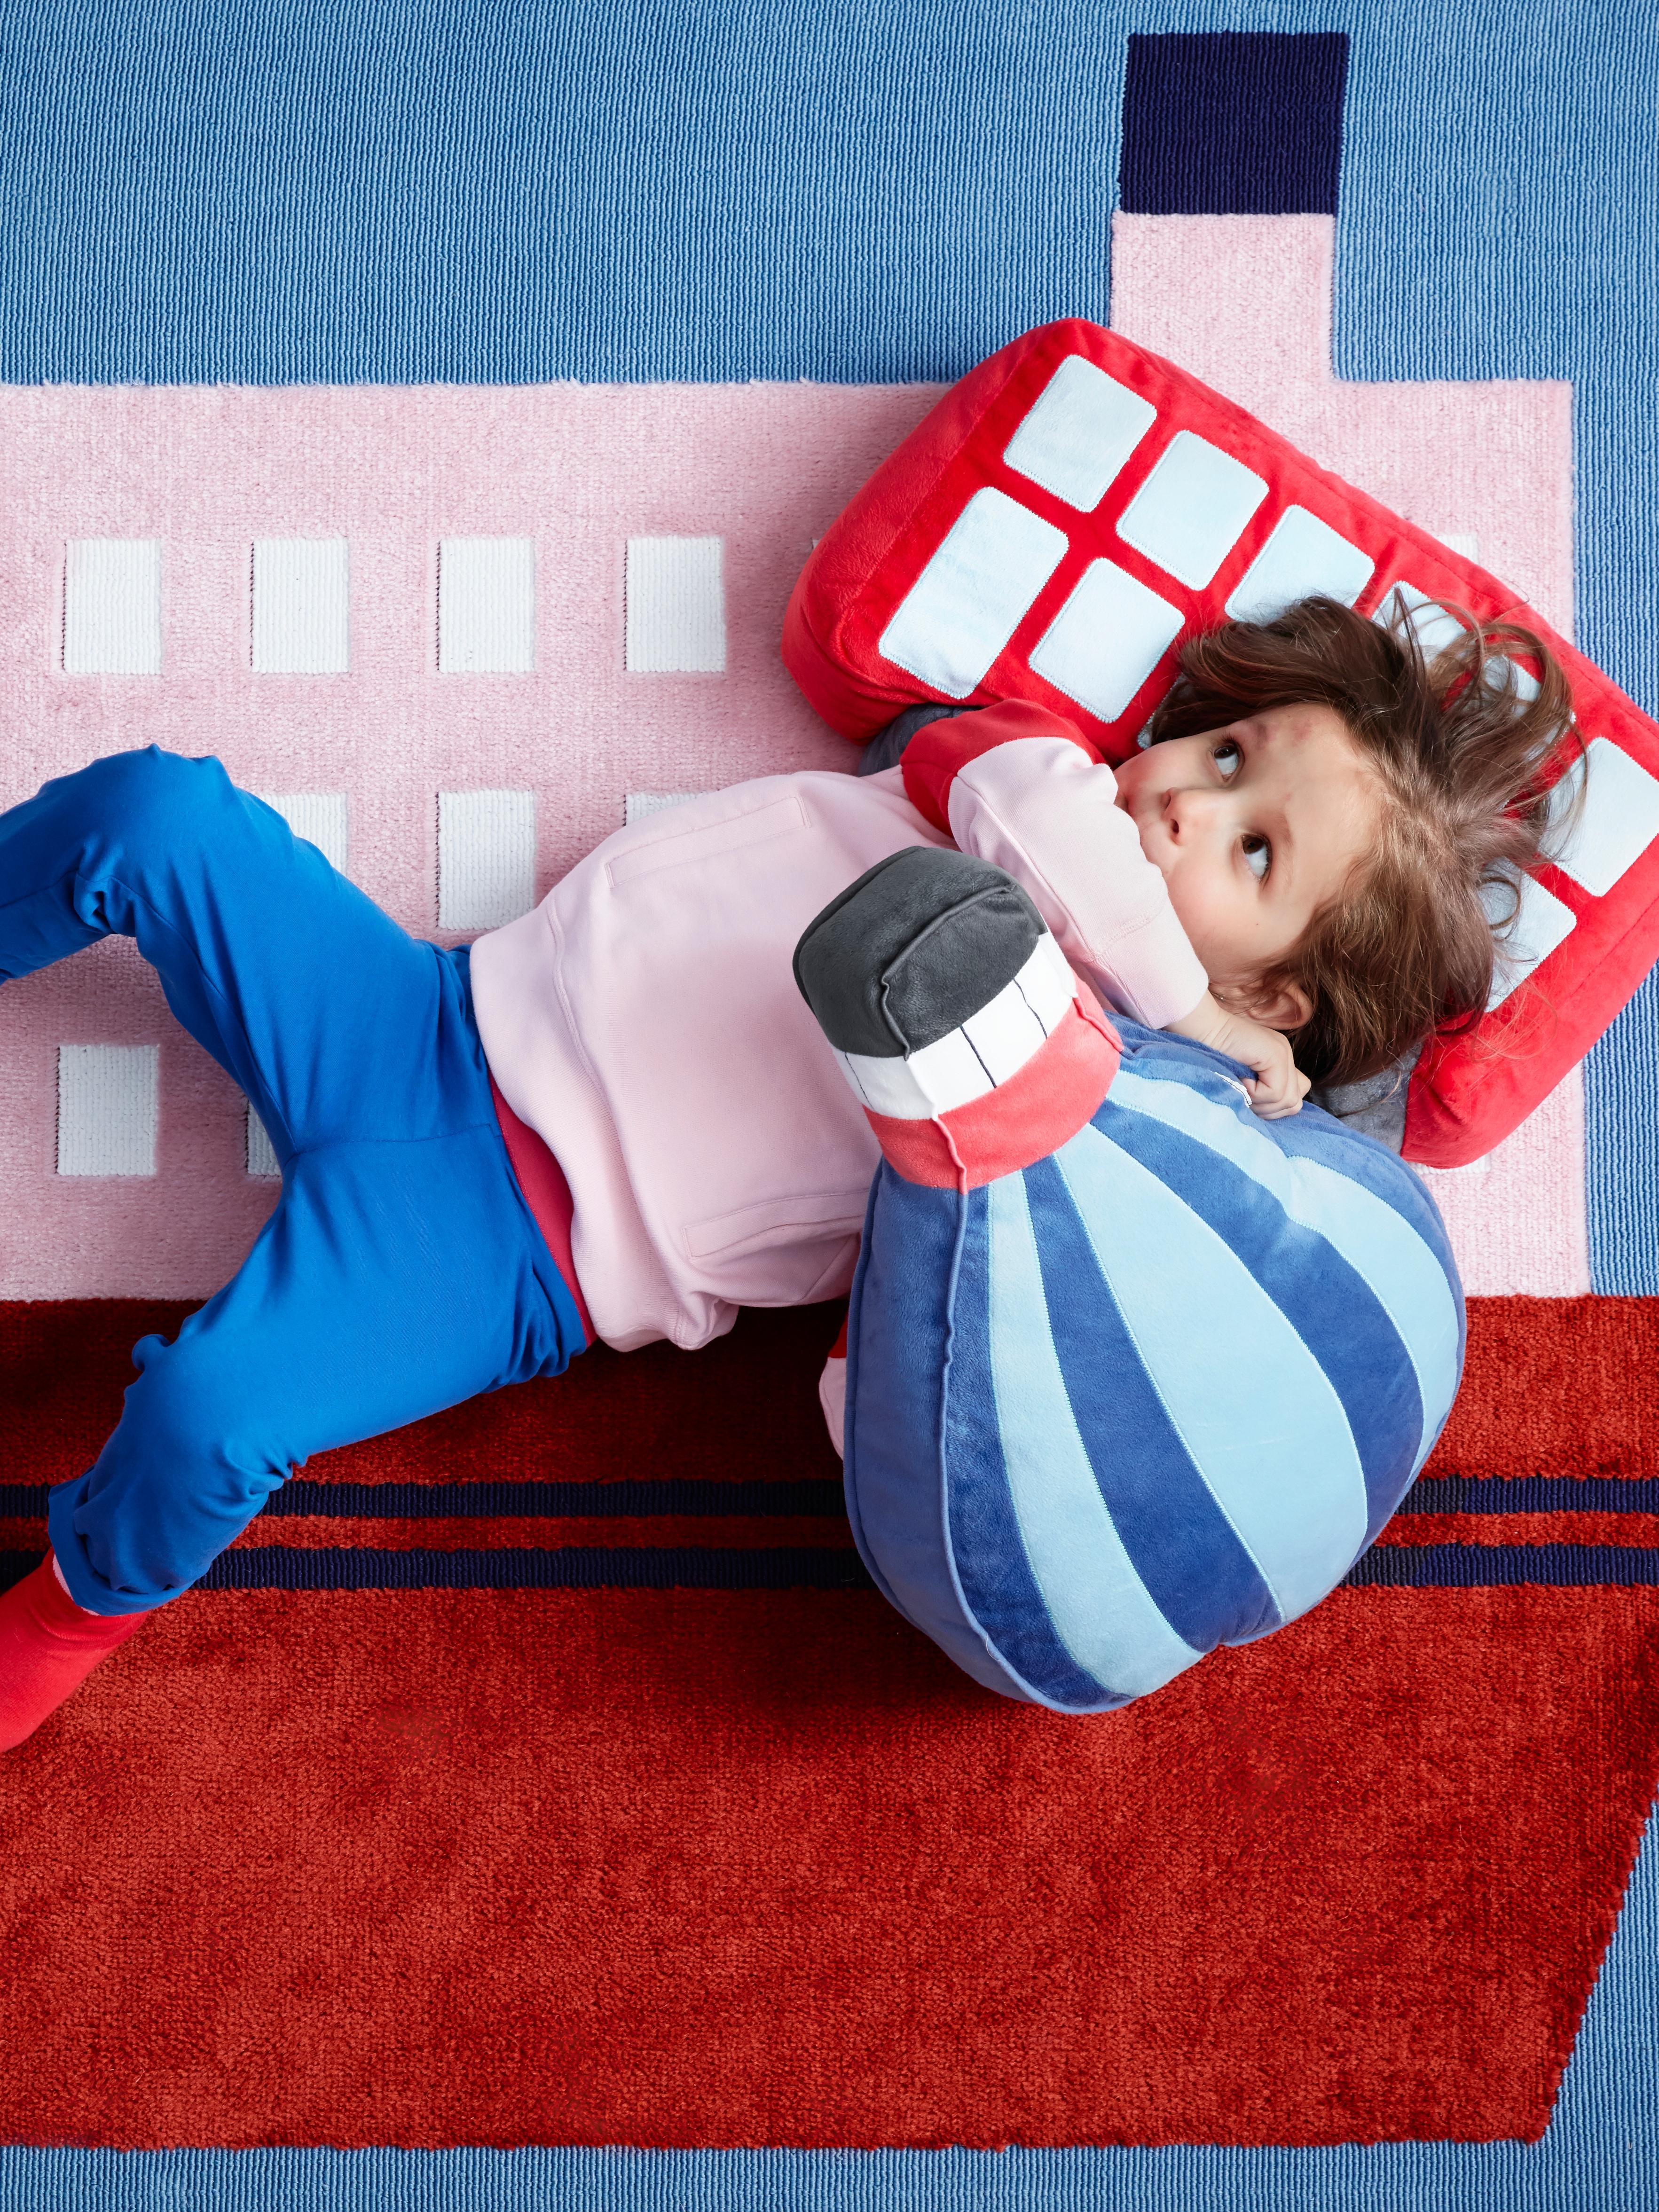 Neno tombado sobre unha alfombra UPPTÅG con debuxos de barcos sostendo unha almofada con forma de globo aerostático; a súa cabeza descansa sobre unha almofada de cor vermella.